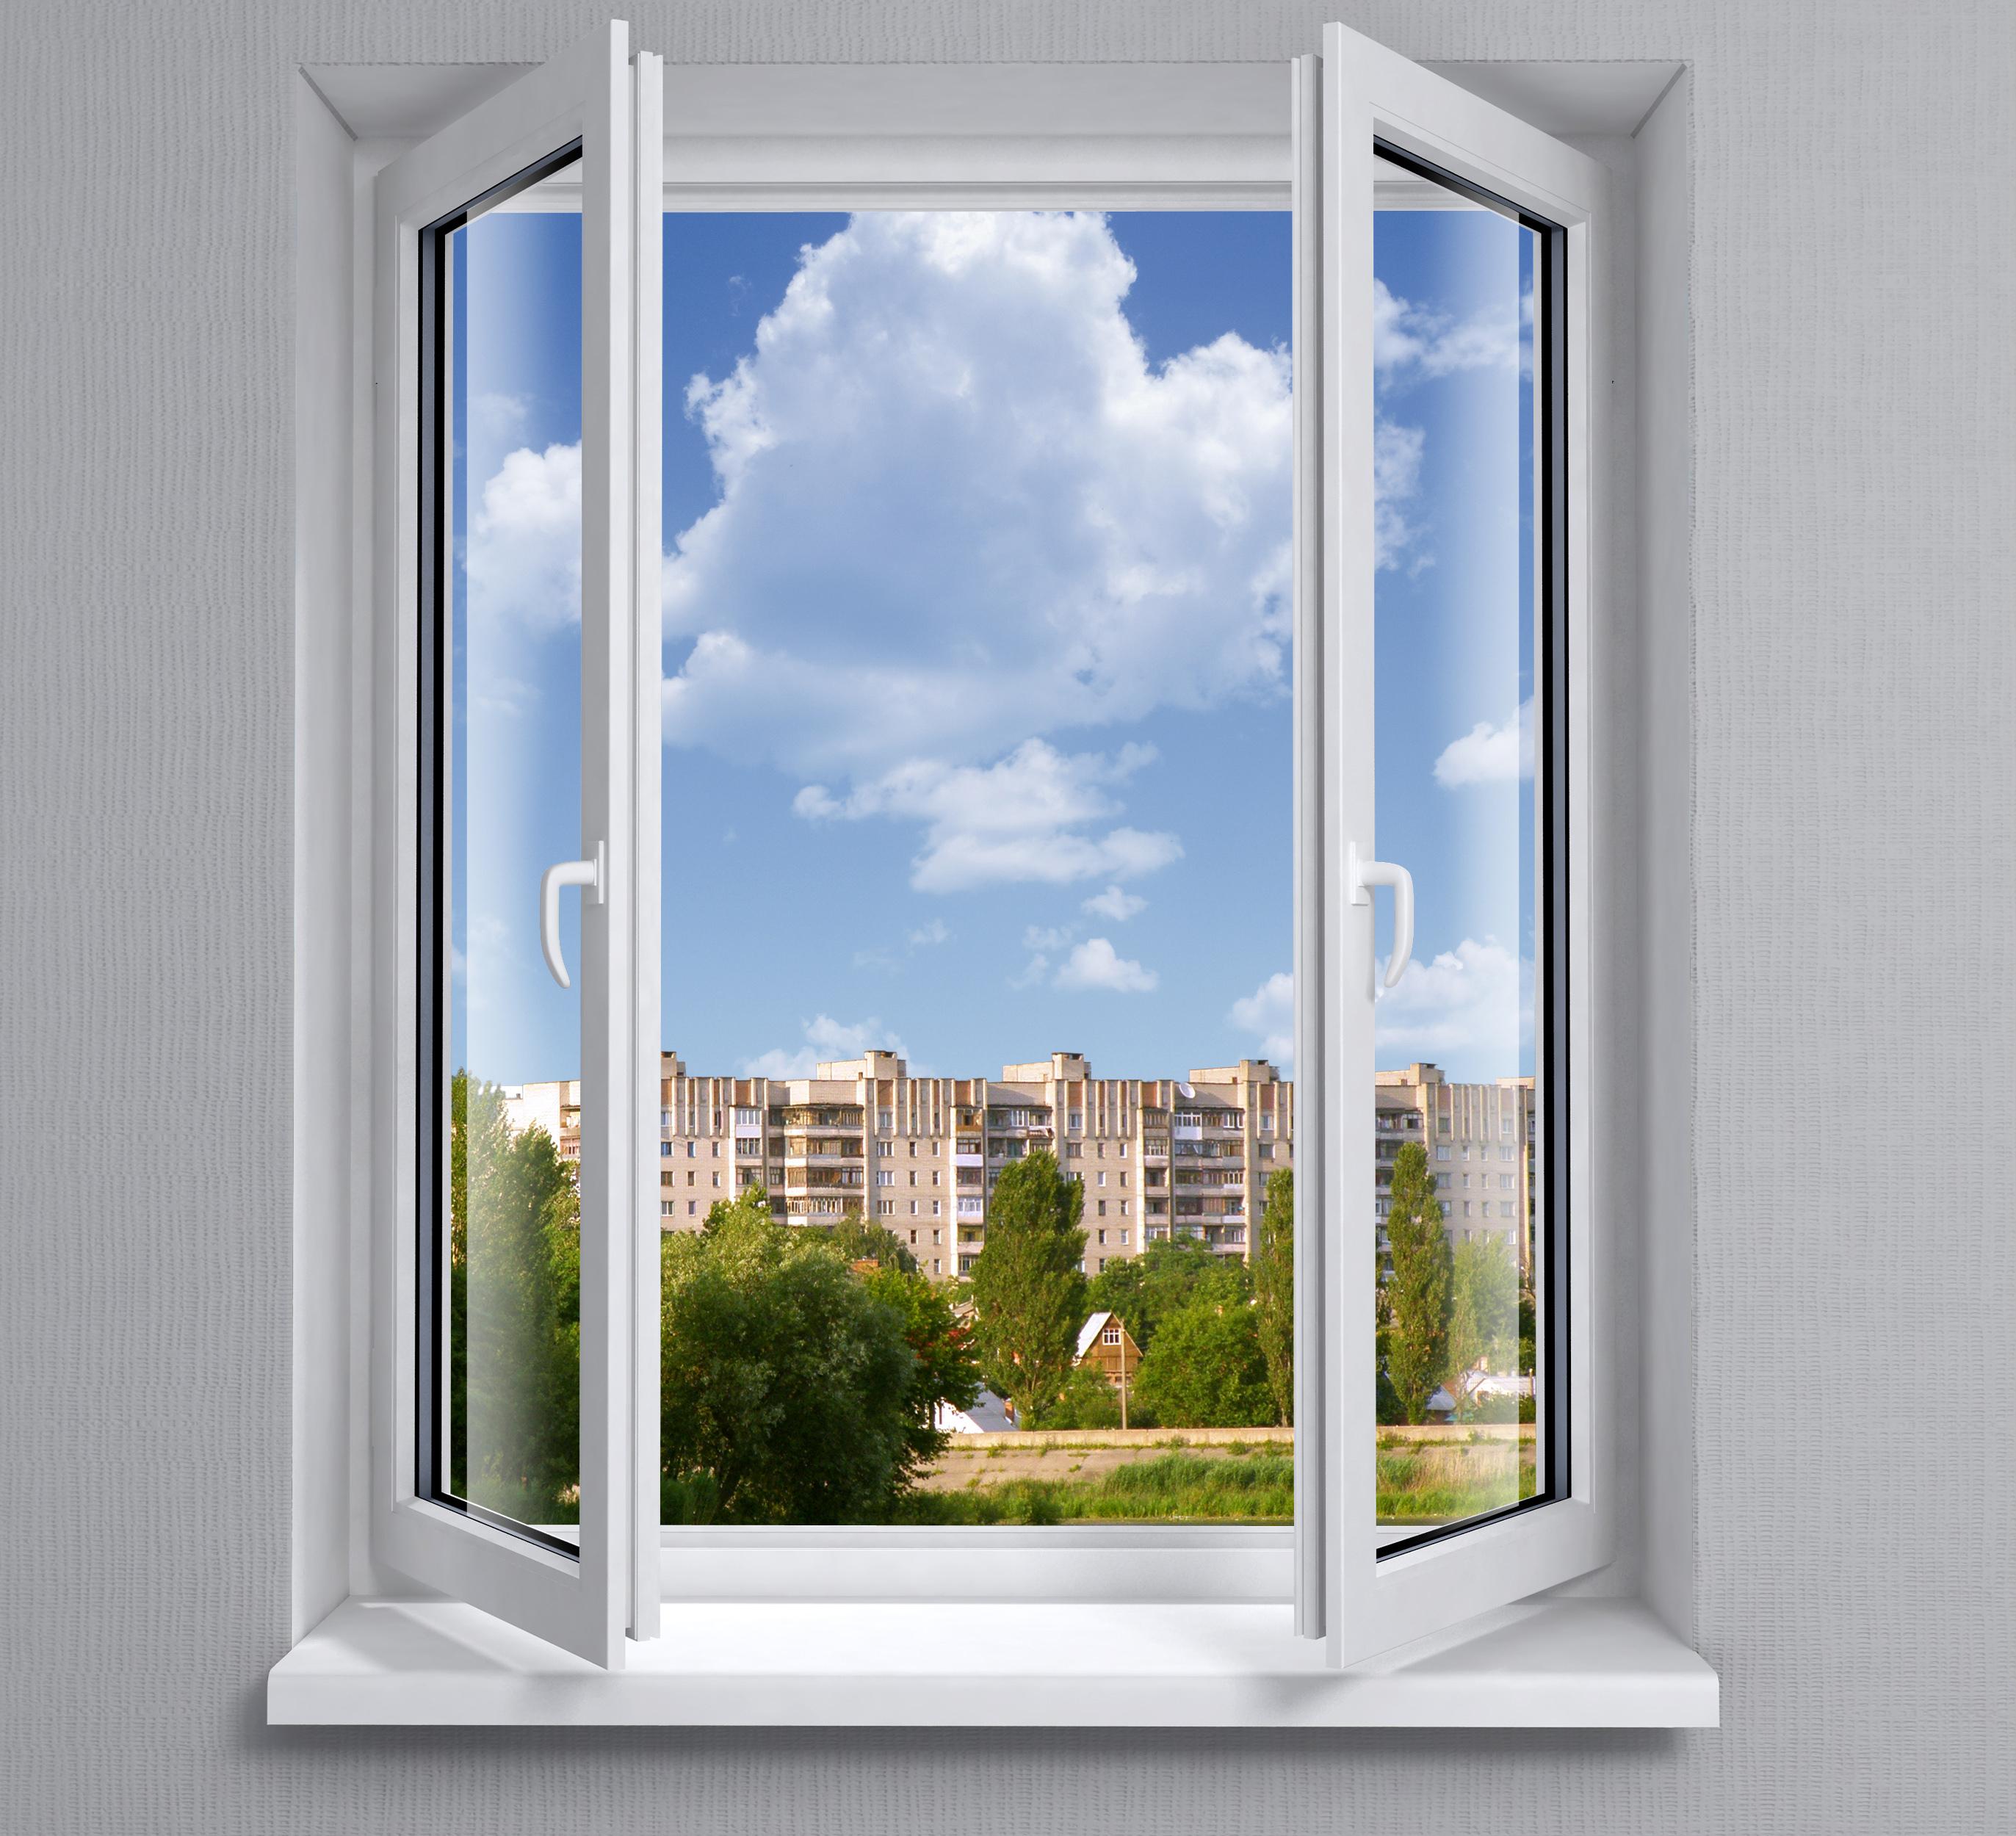 Najhitrejše prezračevanje - okna na stežaj in ustvarjanje prepiha.